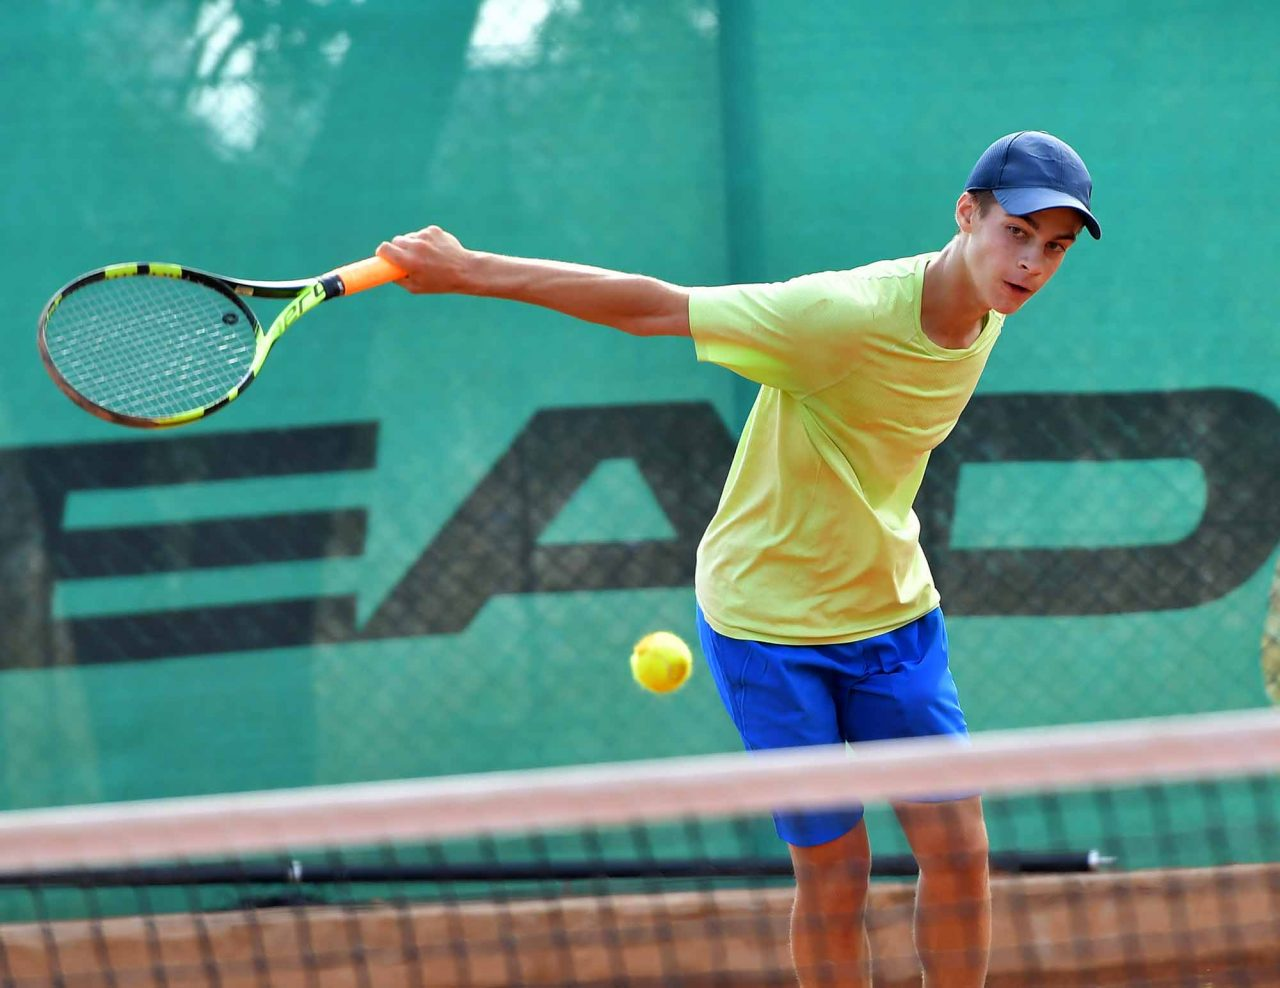 Държавно първенство тенис до 14 год. ТК 15-40 момчета (6)